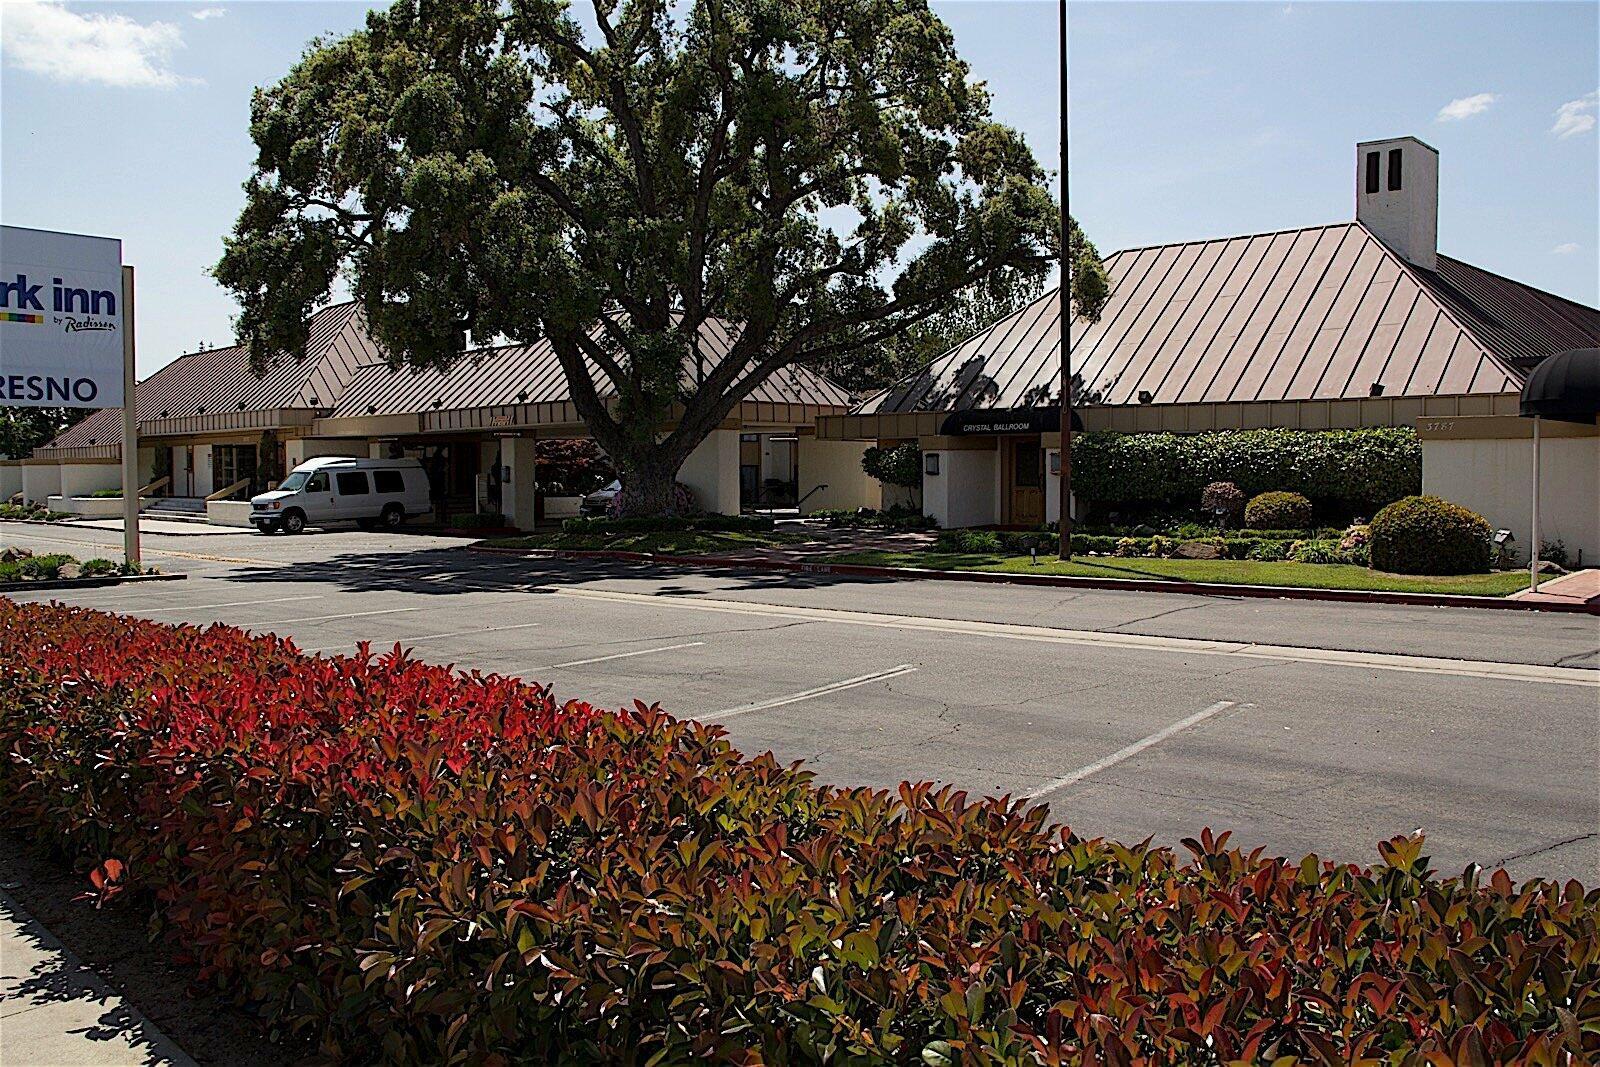 The Hotel Fresno Exterior